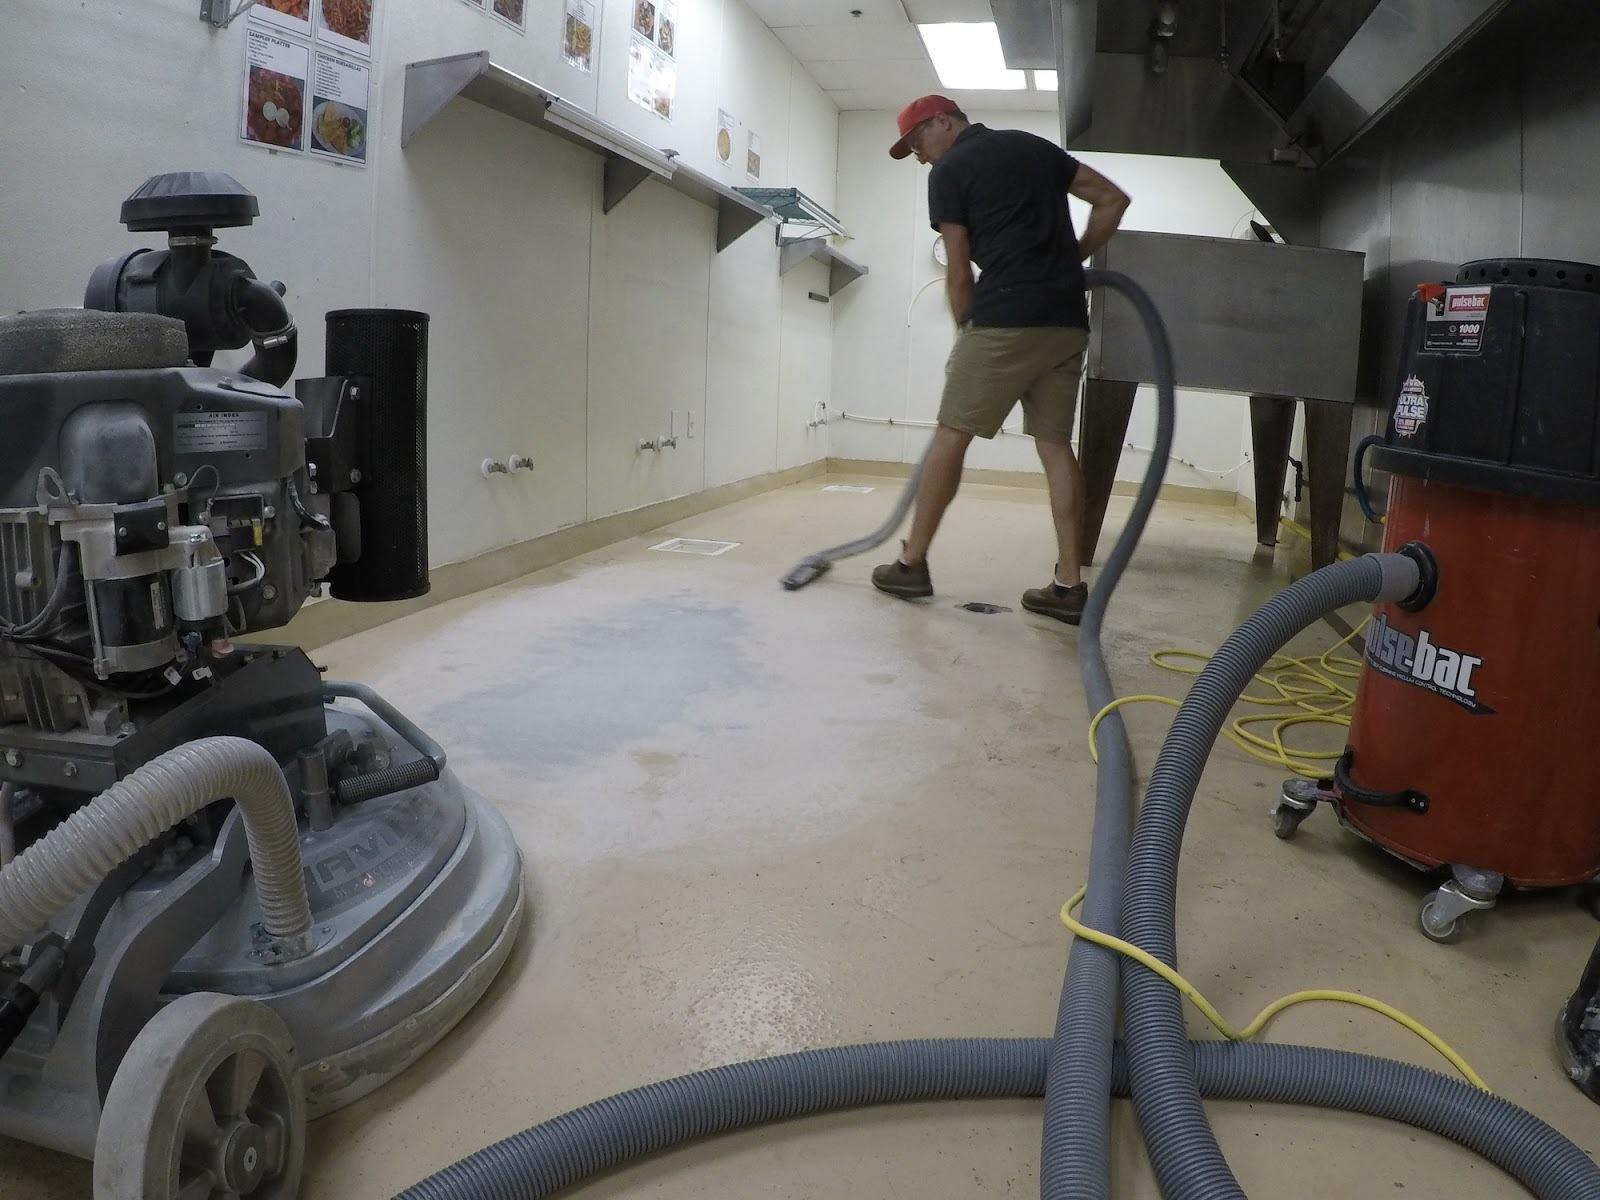 Commercial floor contractor in Raleigh